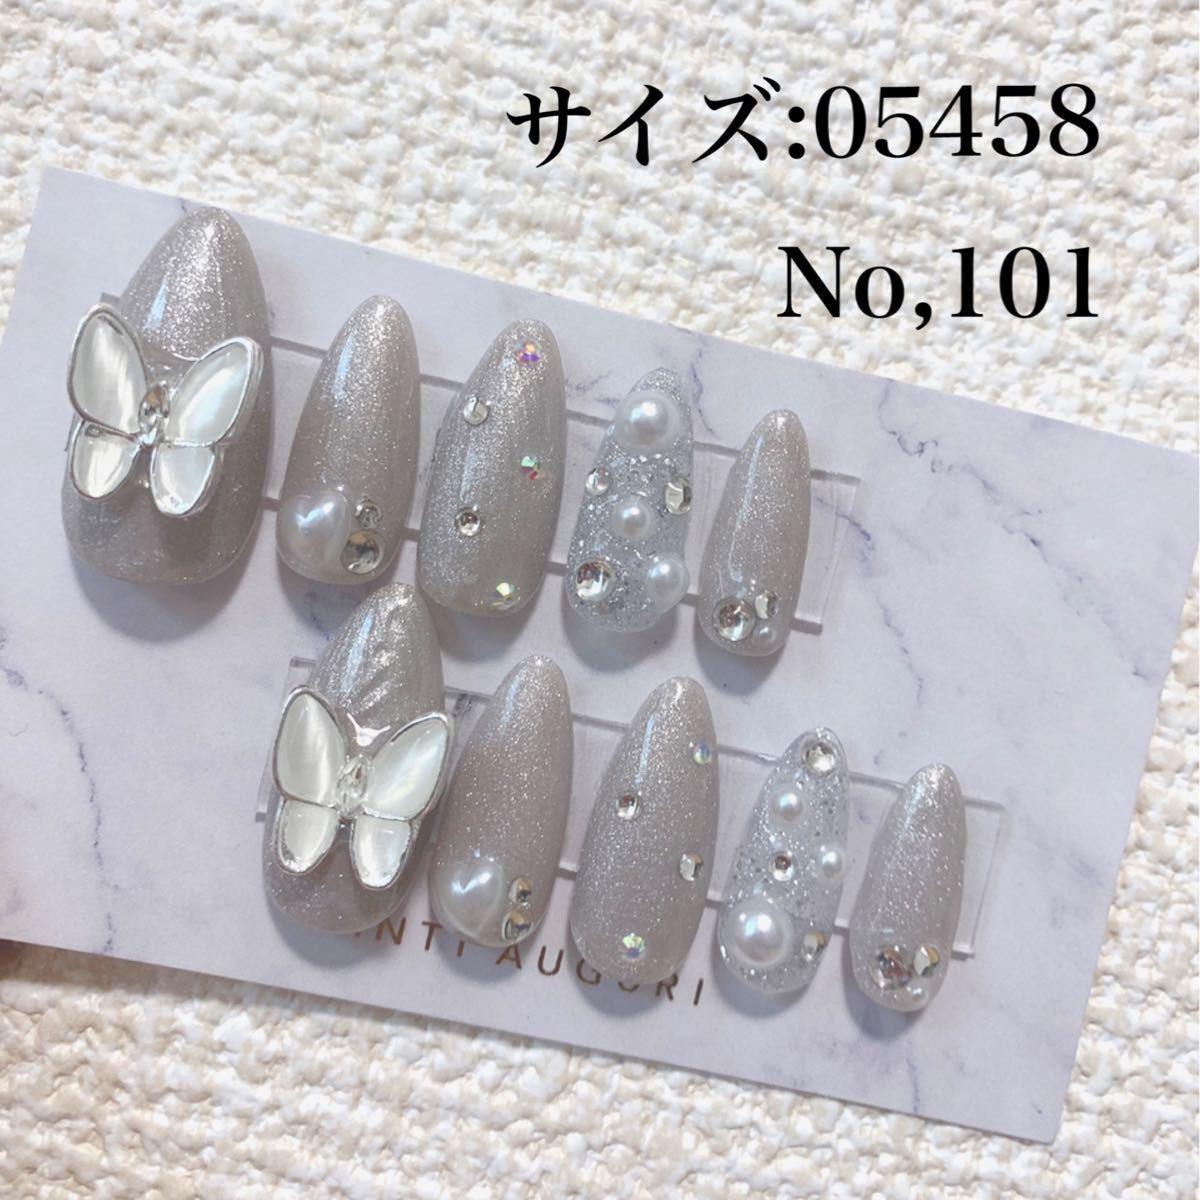 ネイルチップ マグネットネイル 蝶々 韓国 ビジュー ロング No,101